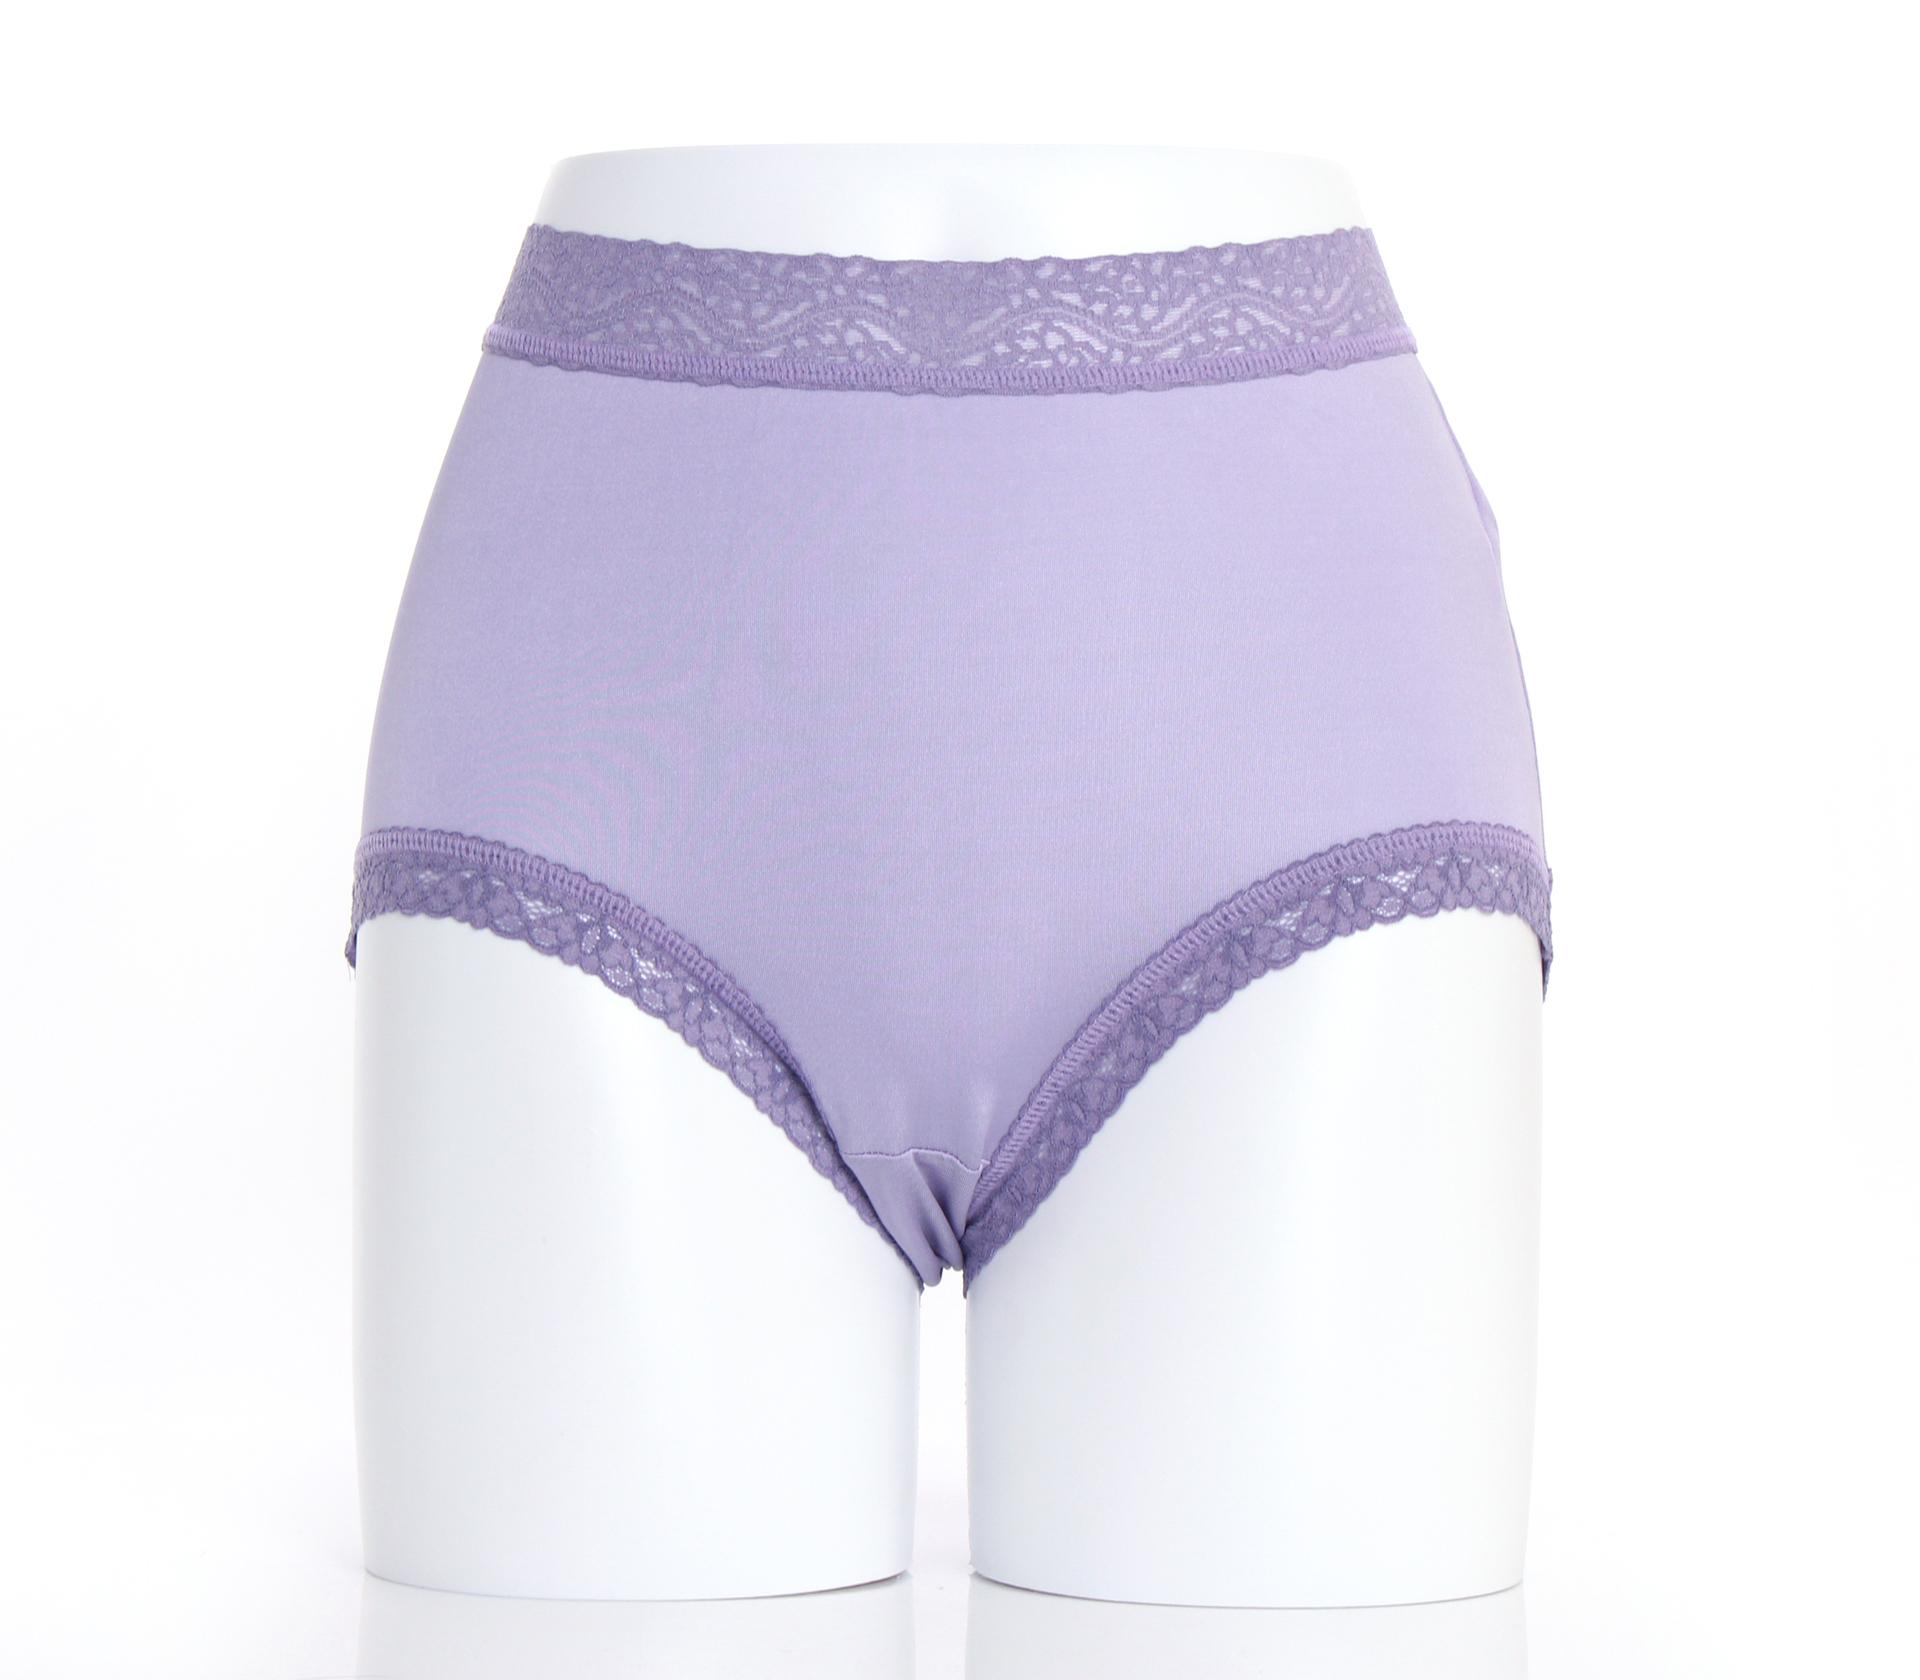 闕蘭絹『超高腰』包覆頂級40針100%蠶絲內褲-8795(紫)